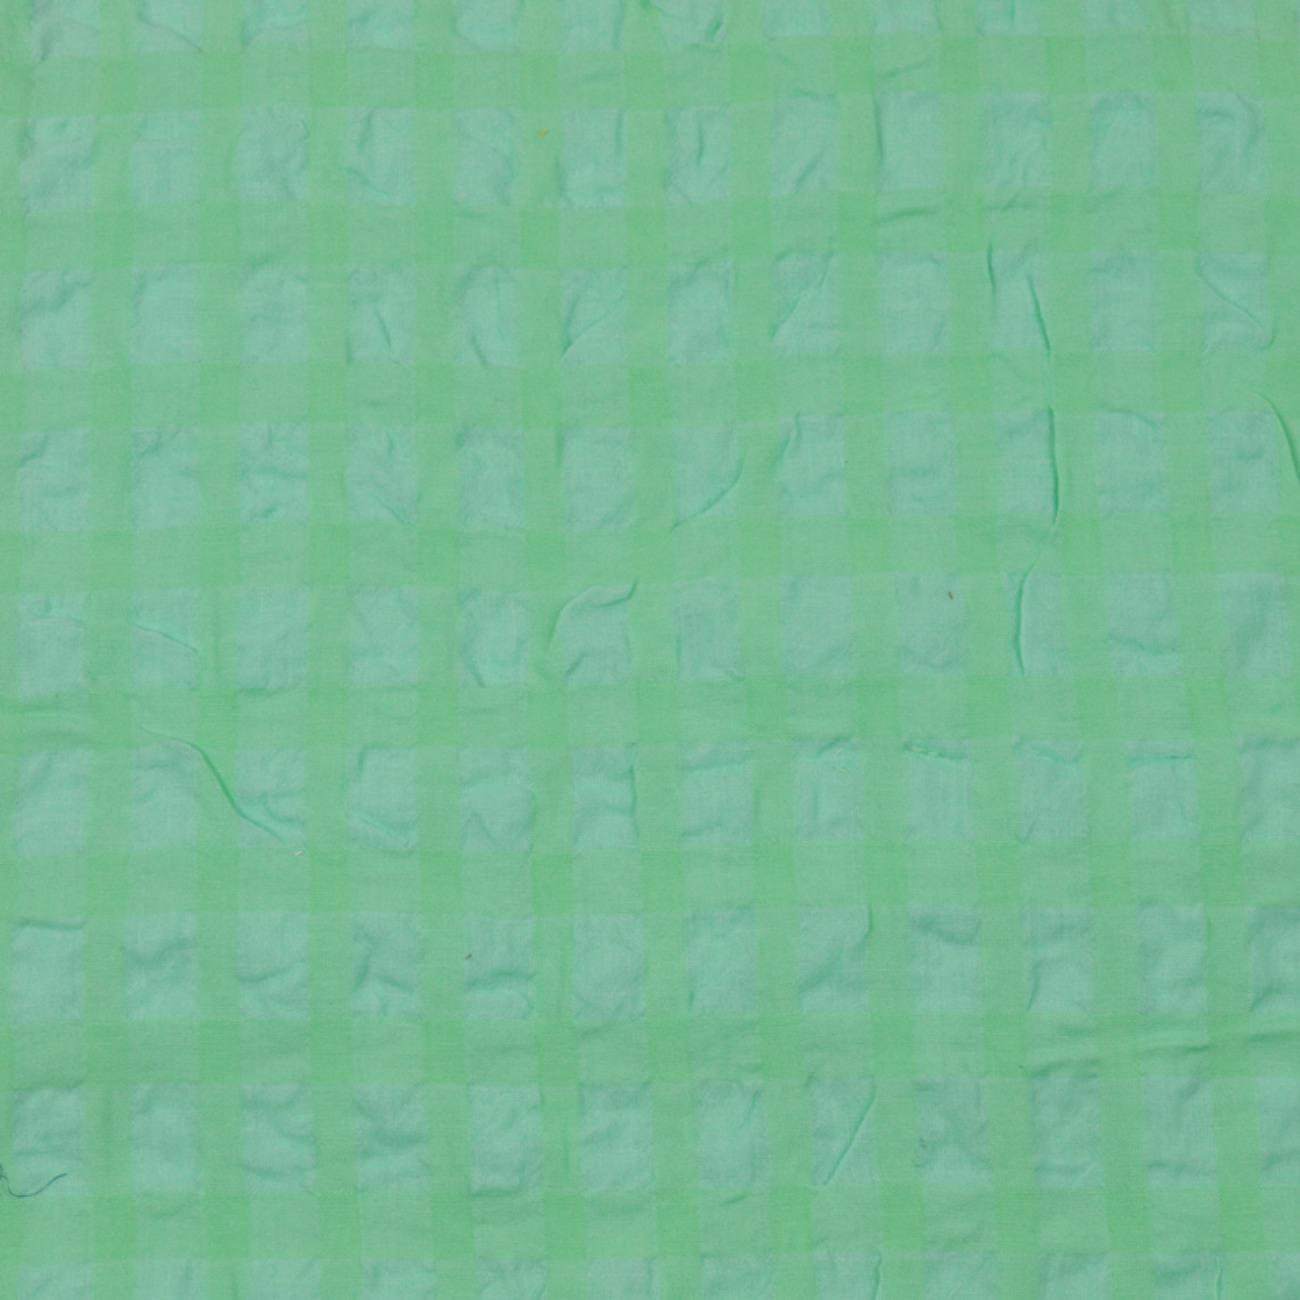 现货格子梭织色织无弹休闲时尚风格衬衫连衣裙 短裙 薄 泡泡布 春夏秋60929-73